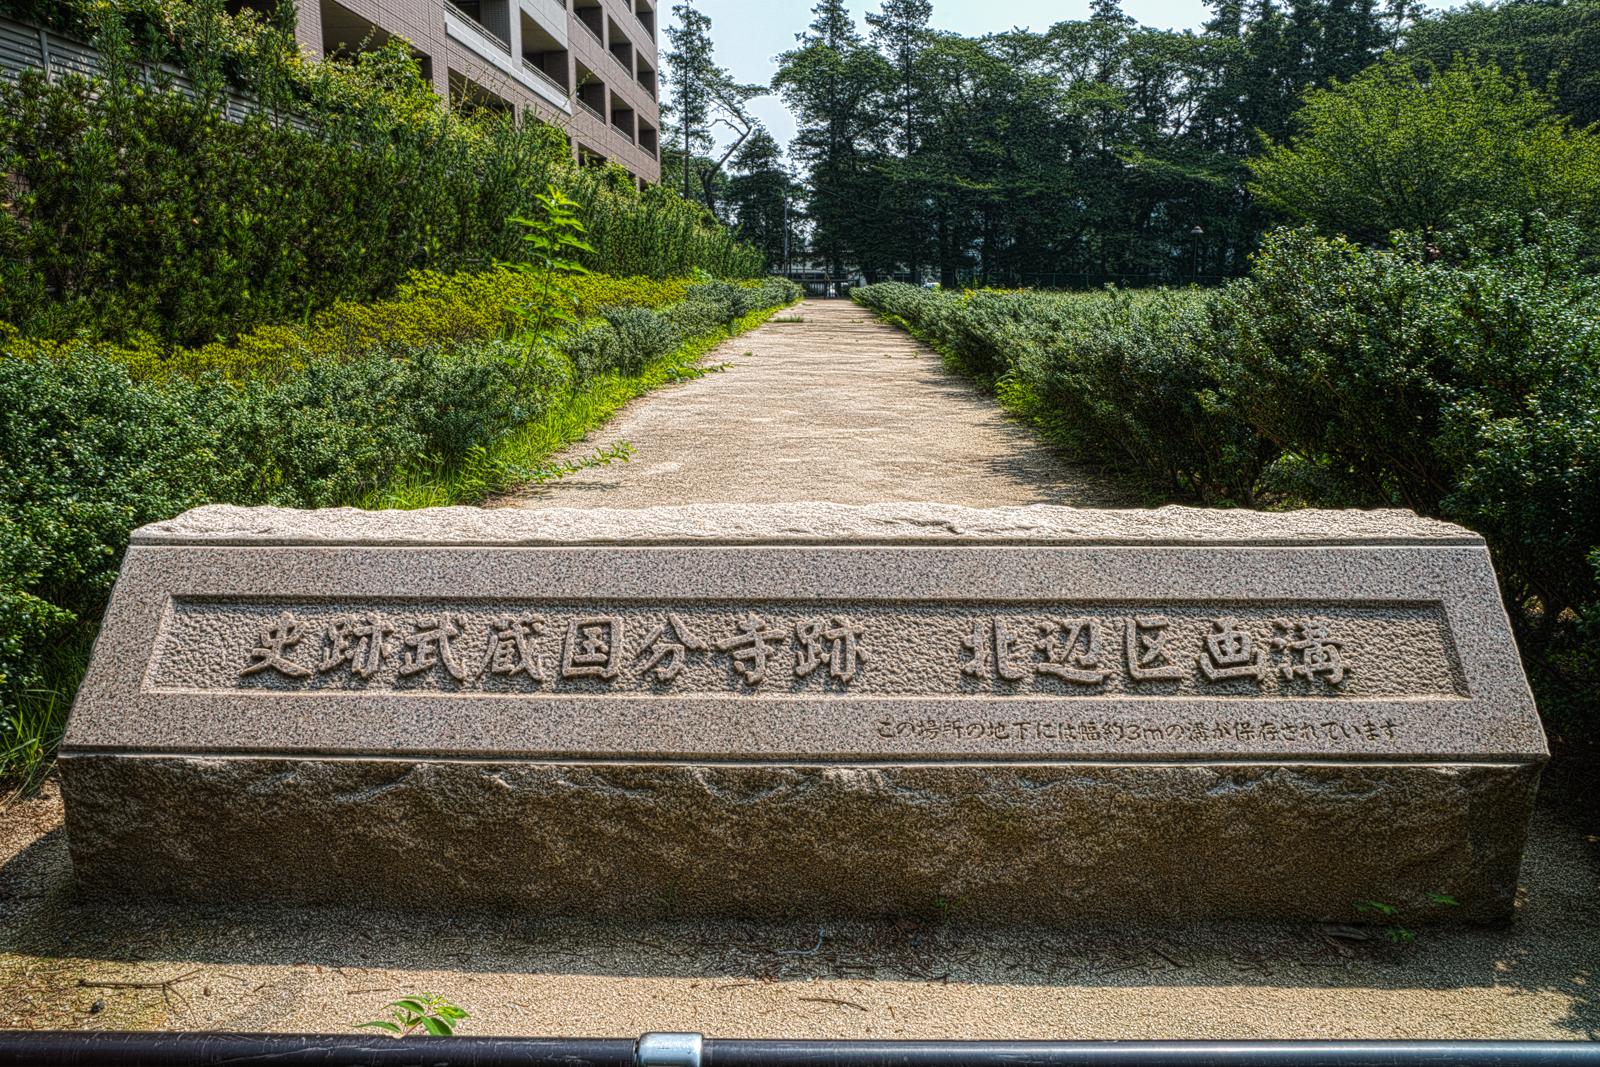 史跡武蔵国分寺跡 北辺区画溝の案内碑の写真